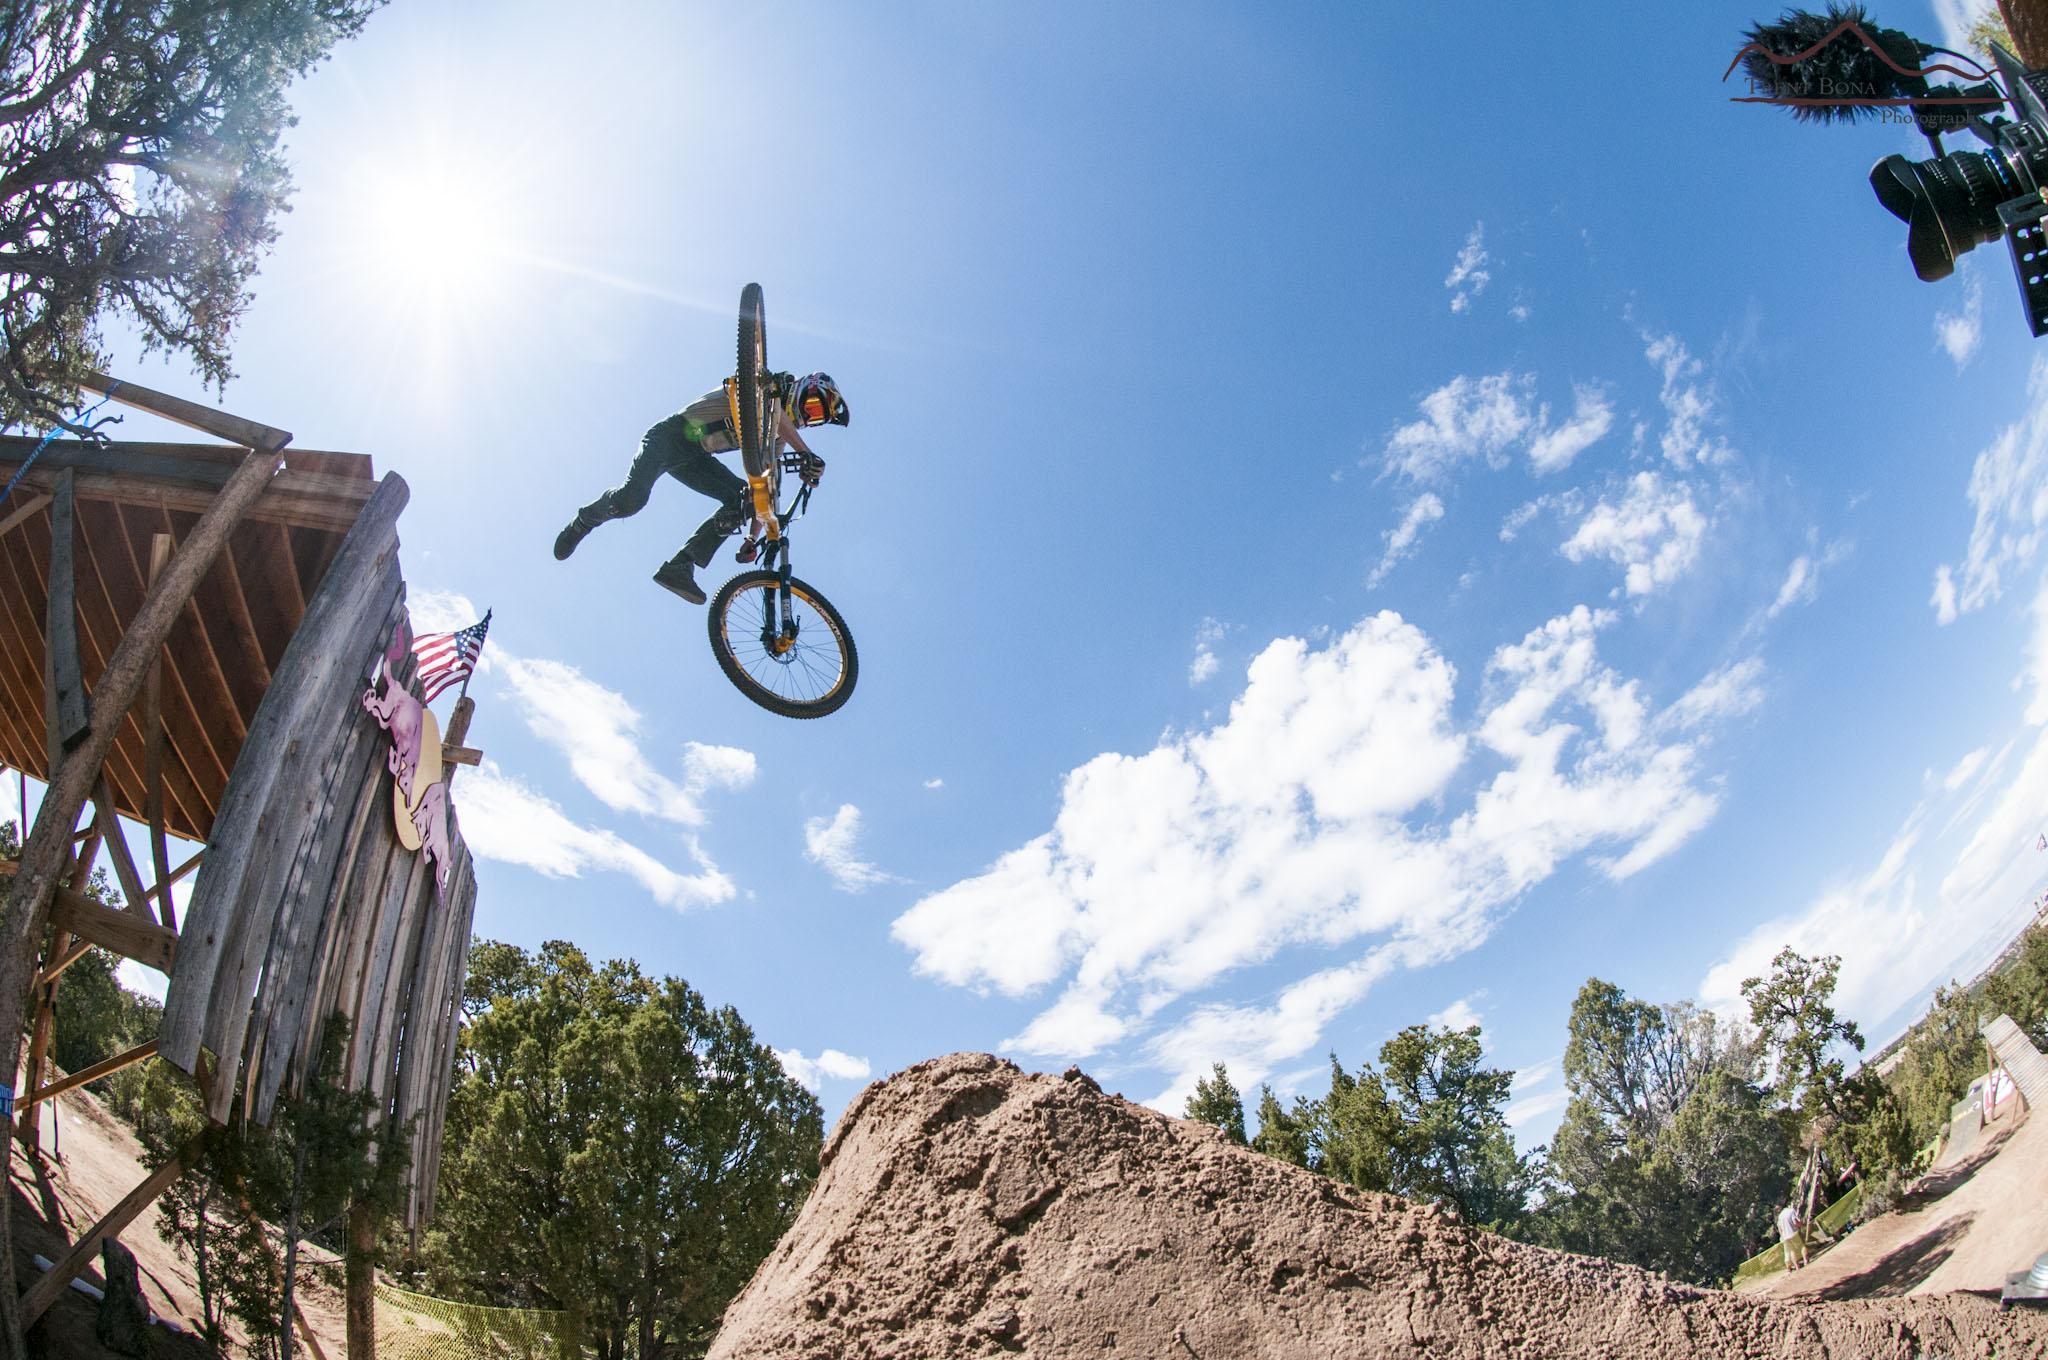 Rider: Jack Fogelquist